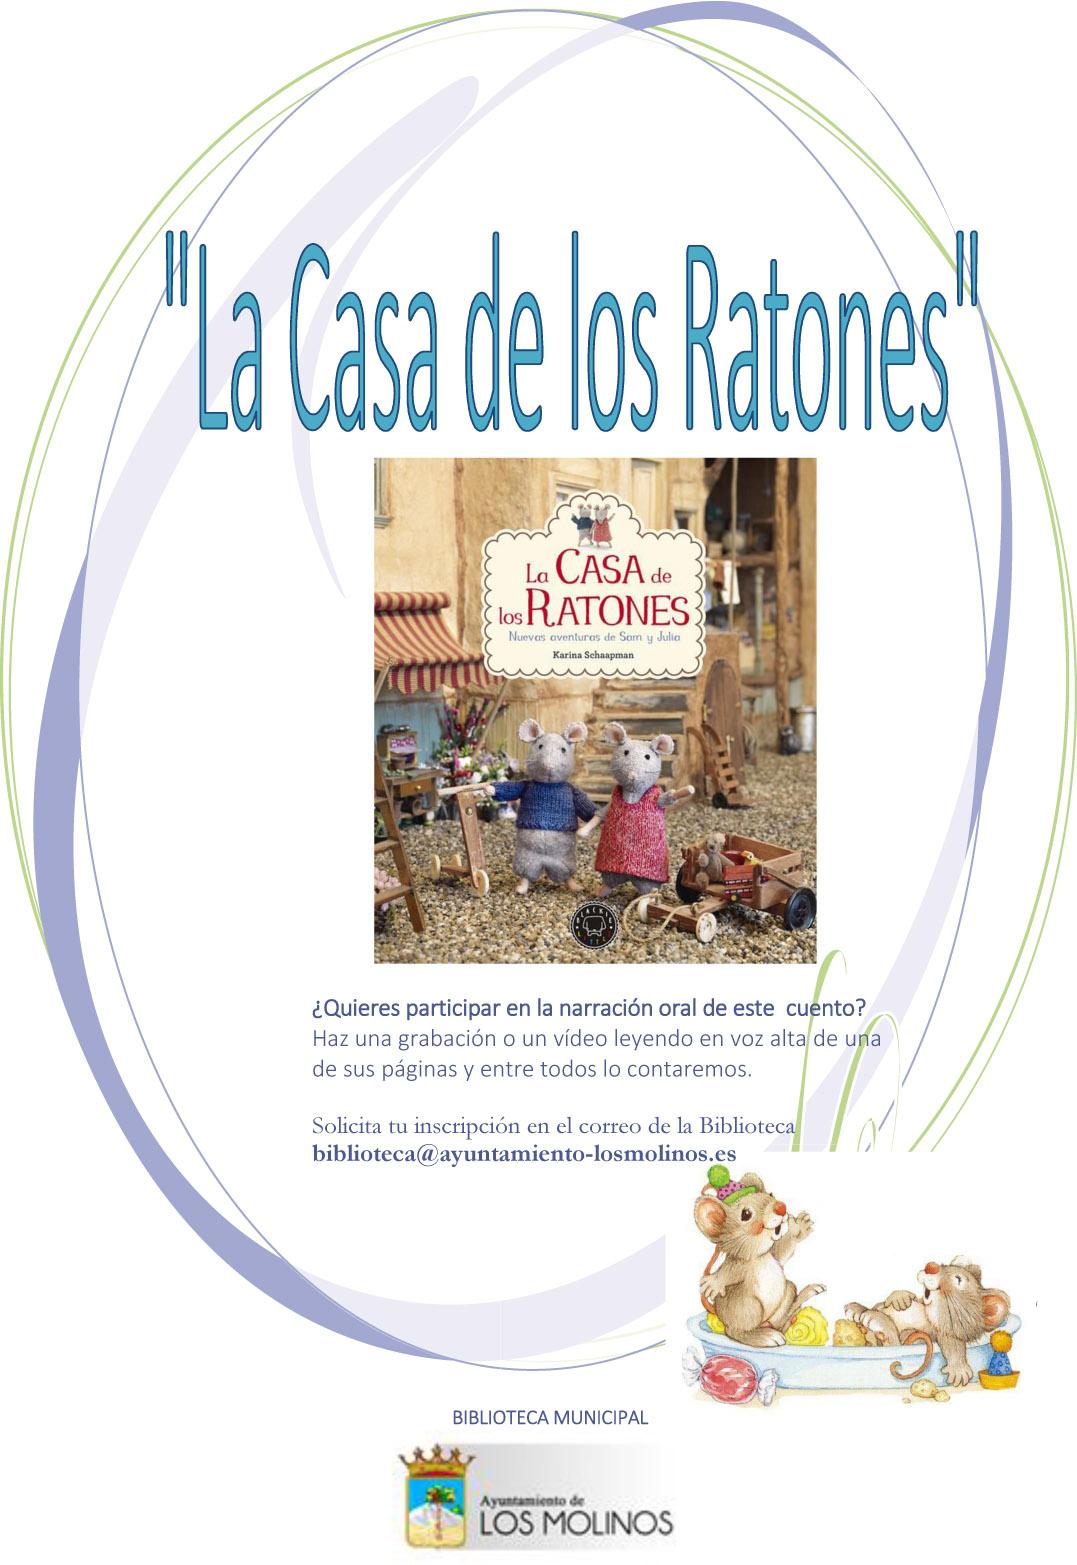 cartel_la casa de los ratones